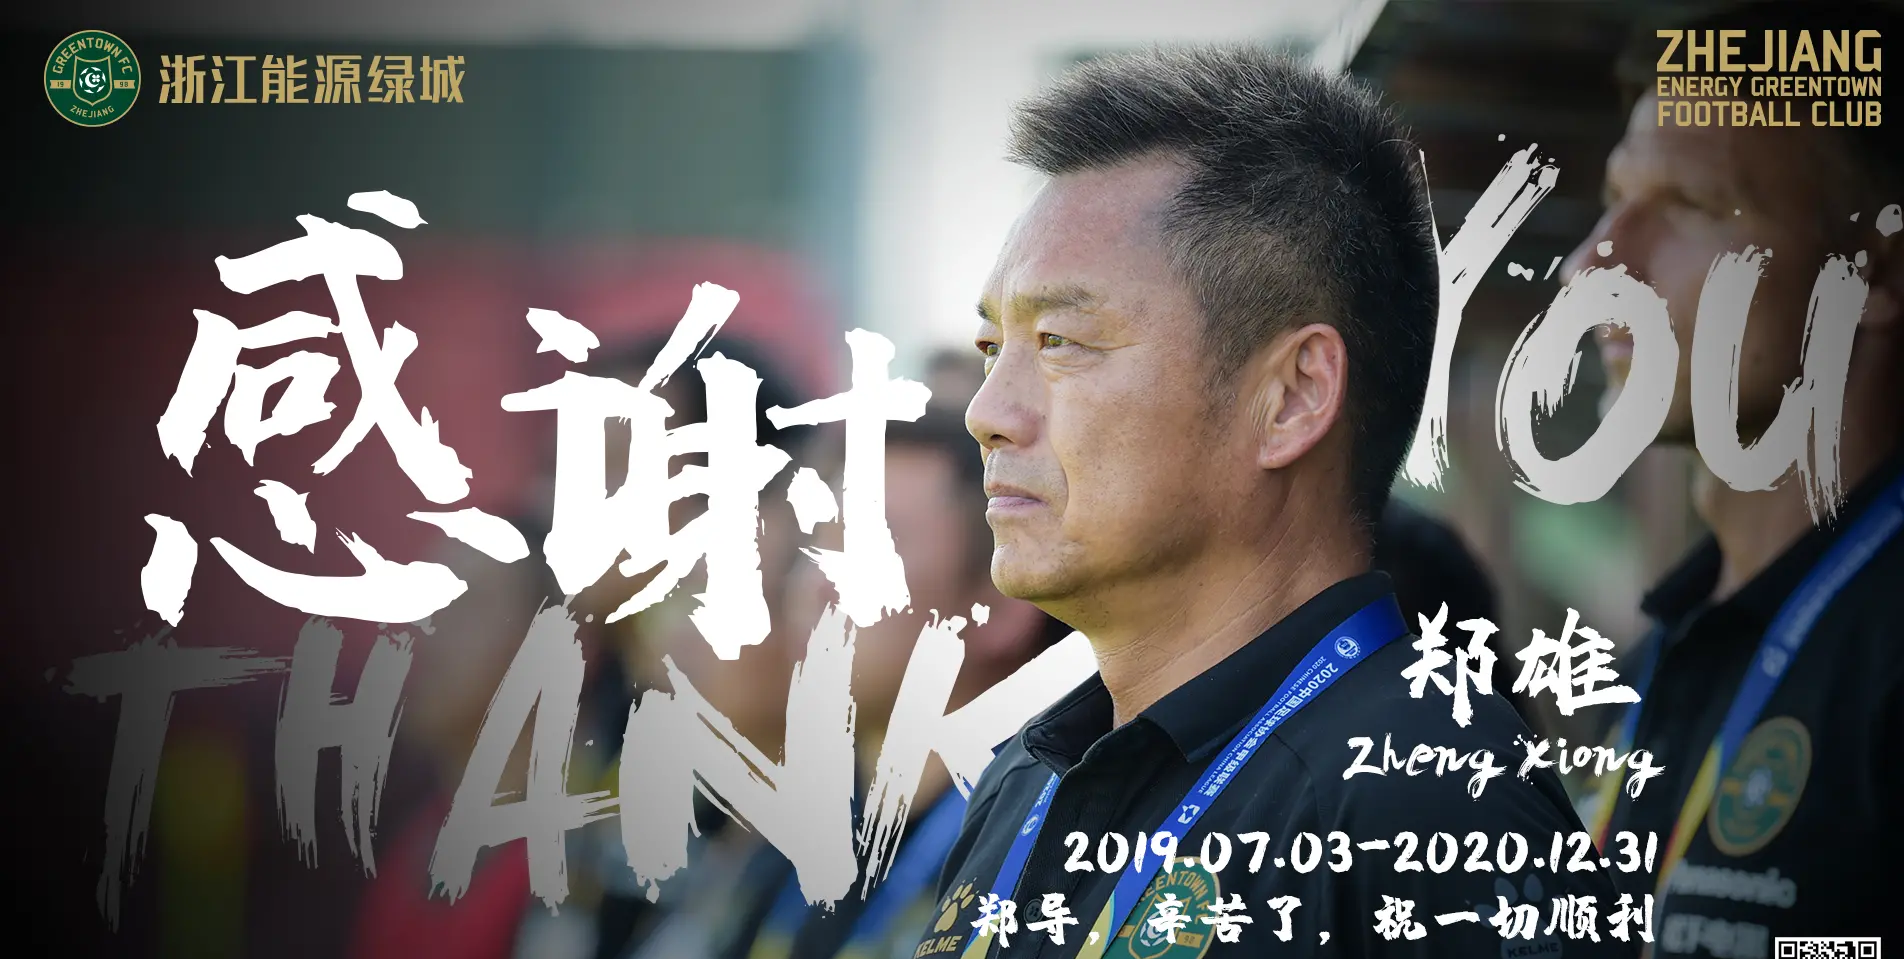 郑雄不再担任浙江绿城足球沙龙主教练